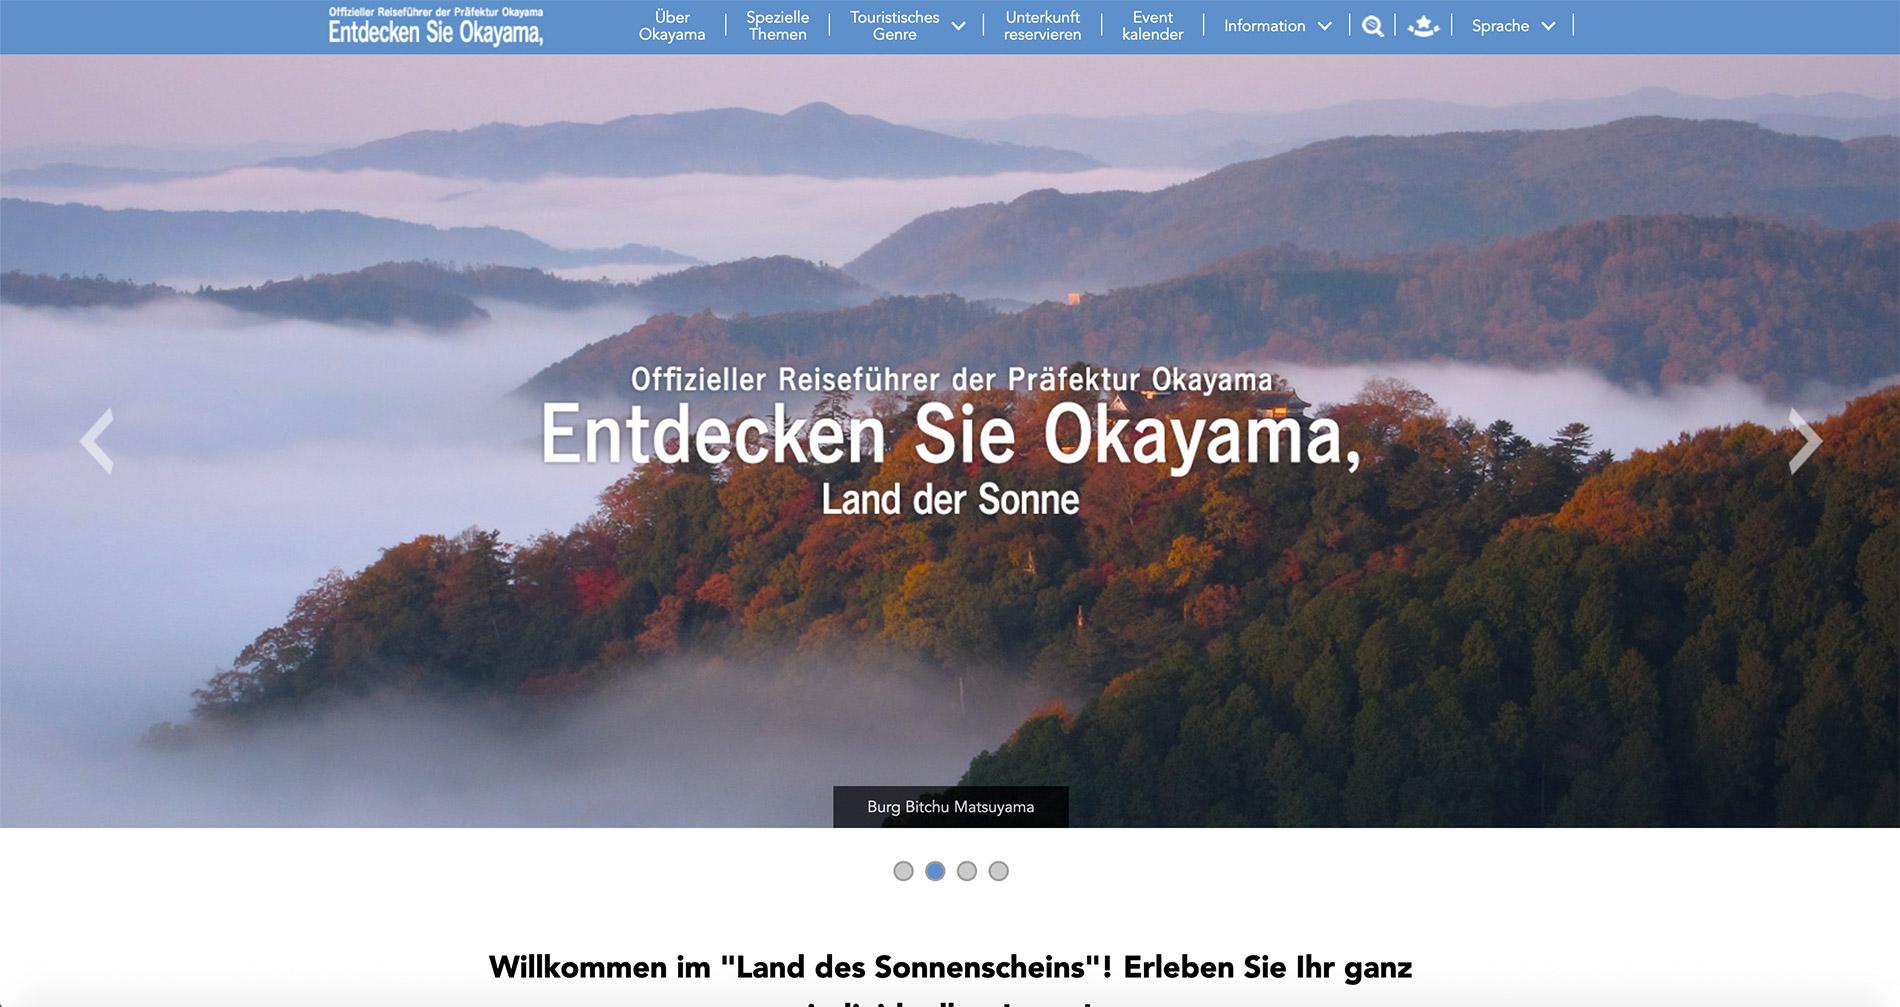 Die deutsche Webseite des Tourismusverbandes der Präfektur Okayama.